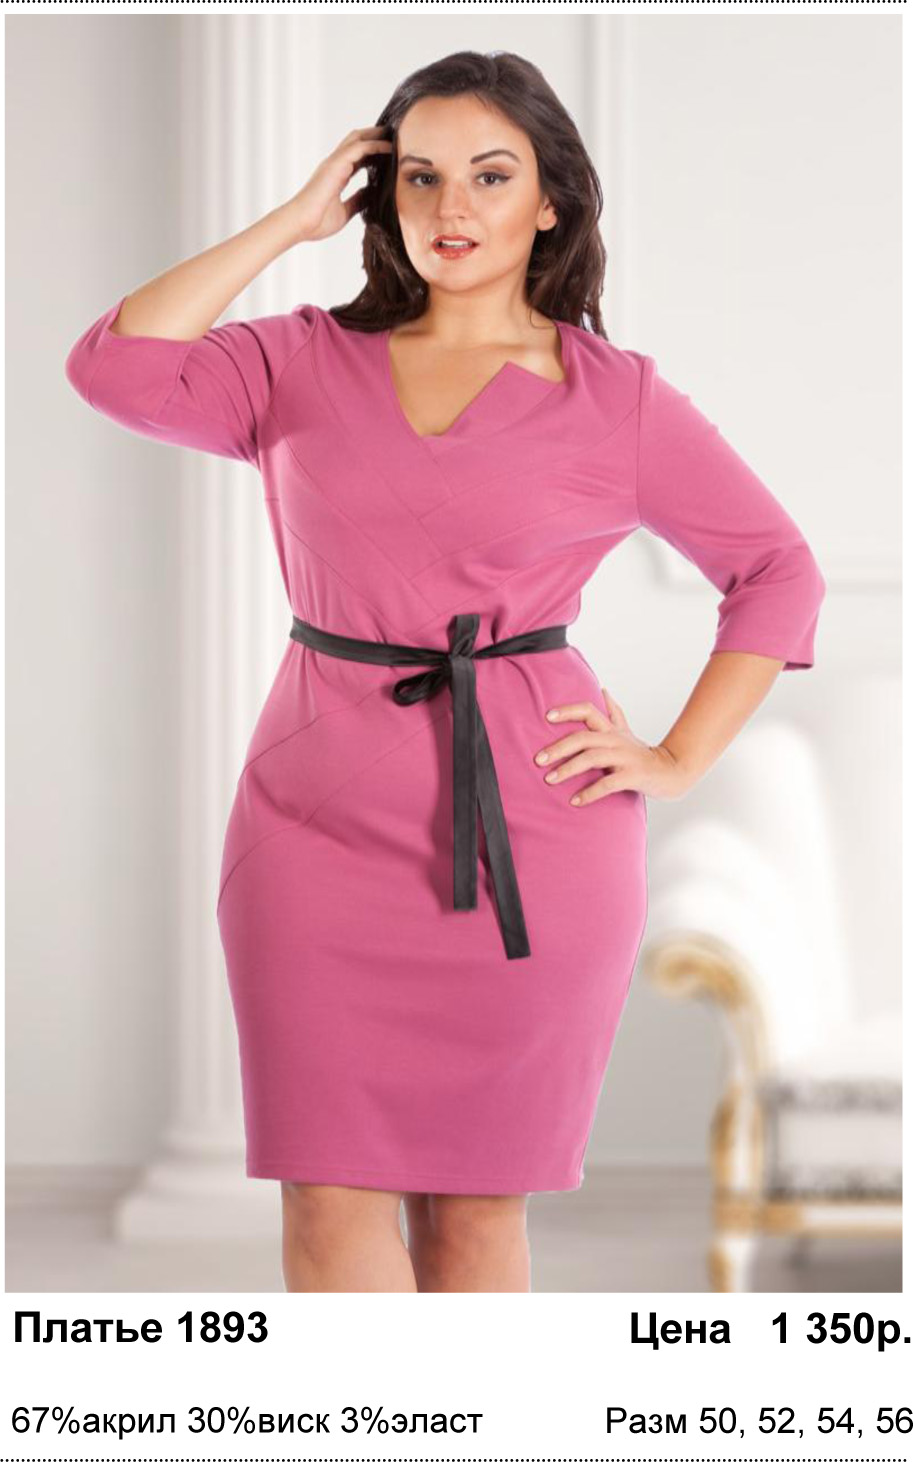 Элис женская одежда официальный сайт с доставкой